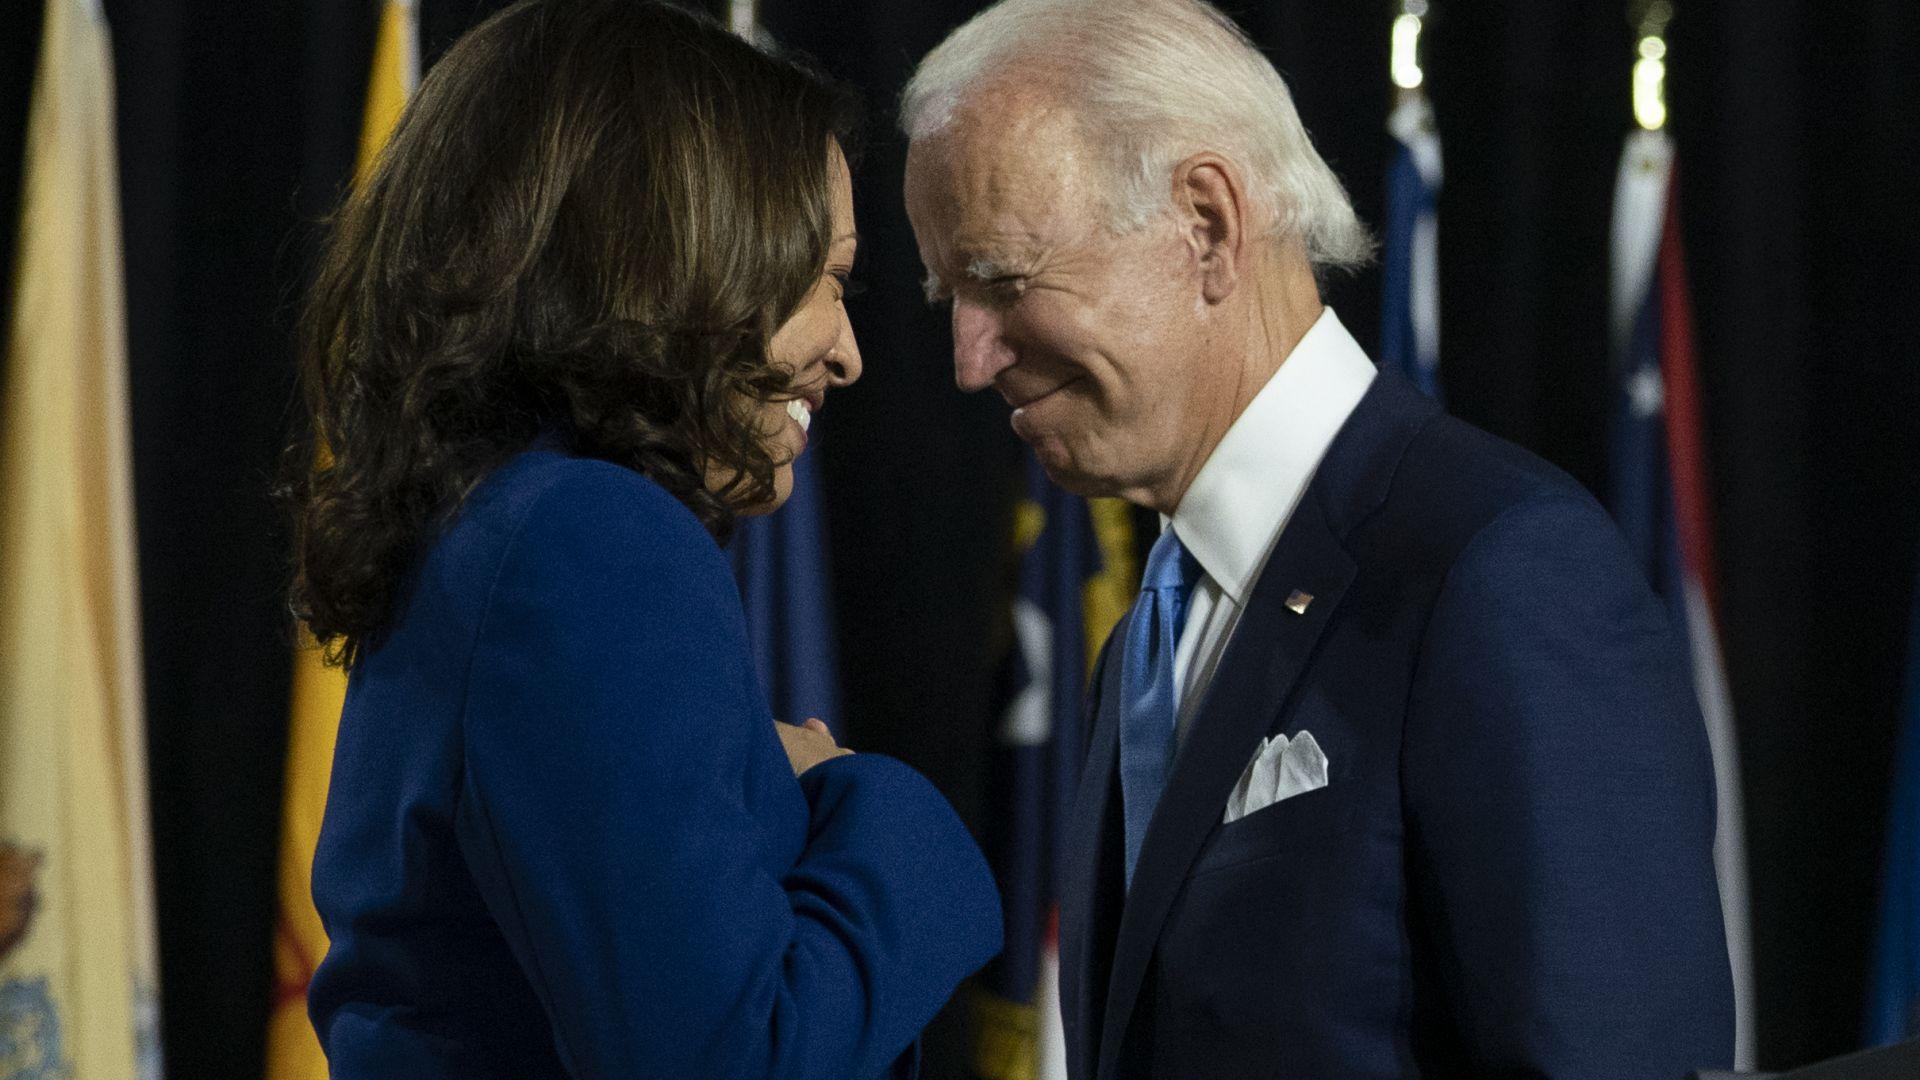 Джо Байдън: За мен е чест и съм смирен! Камала Харис: Чака ни много работа!